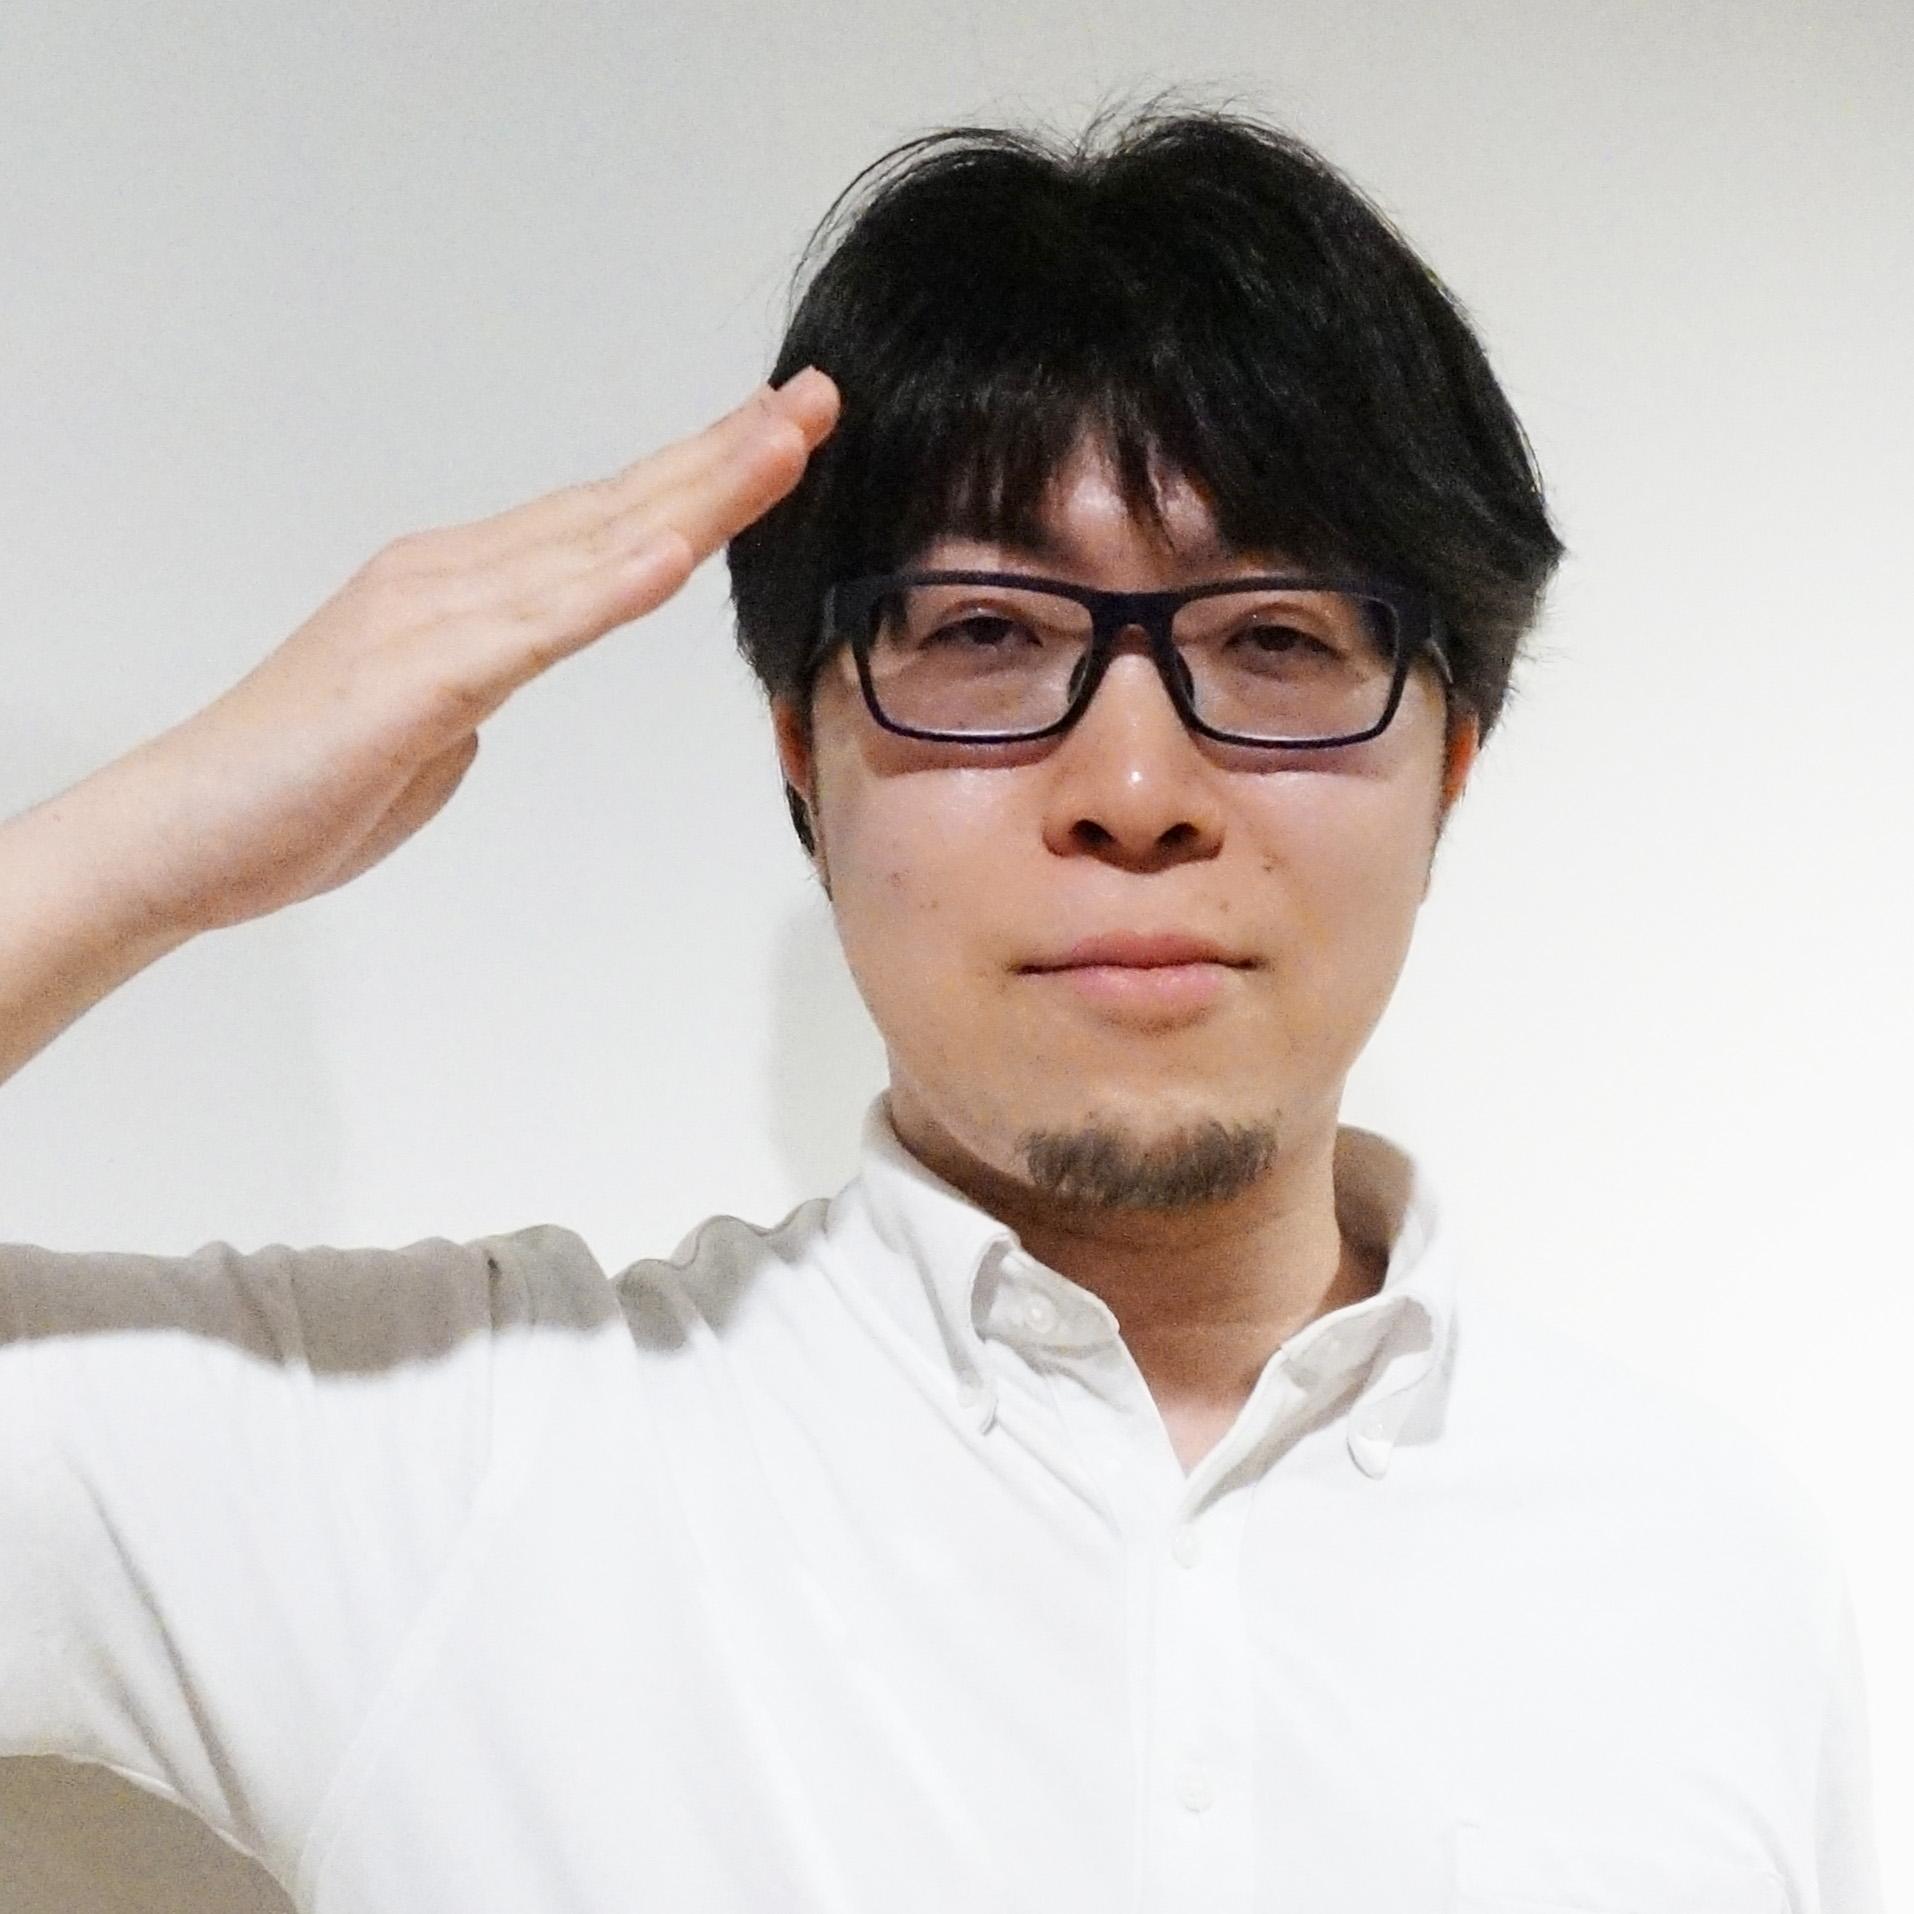 浦田プロフィール